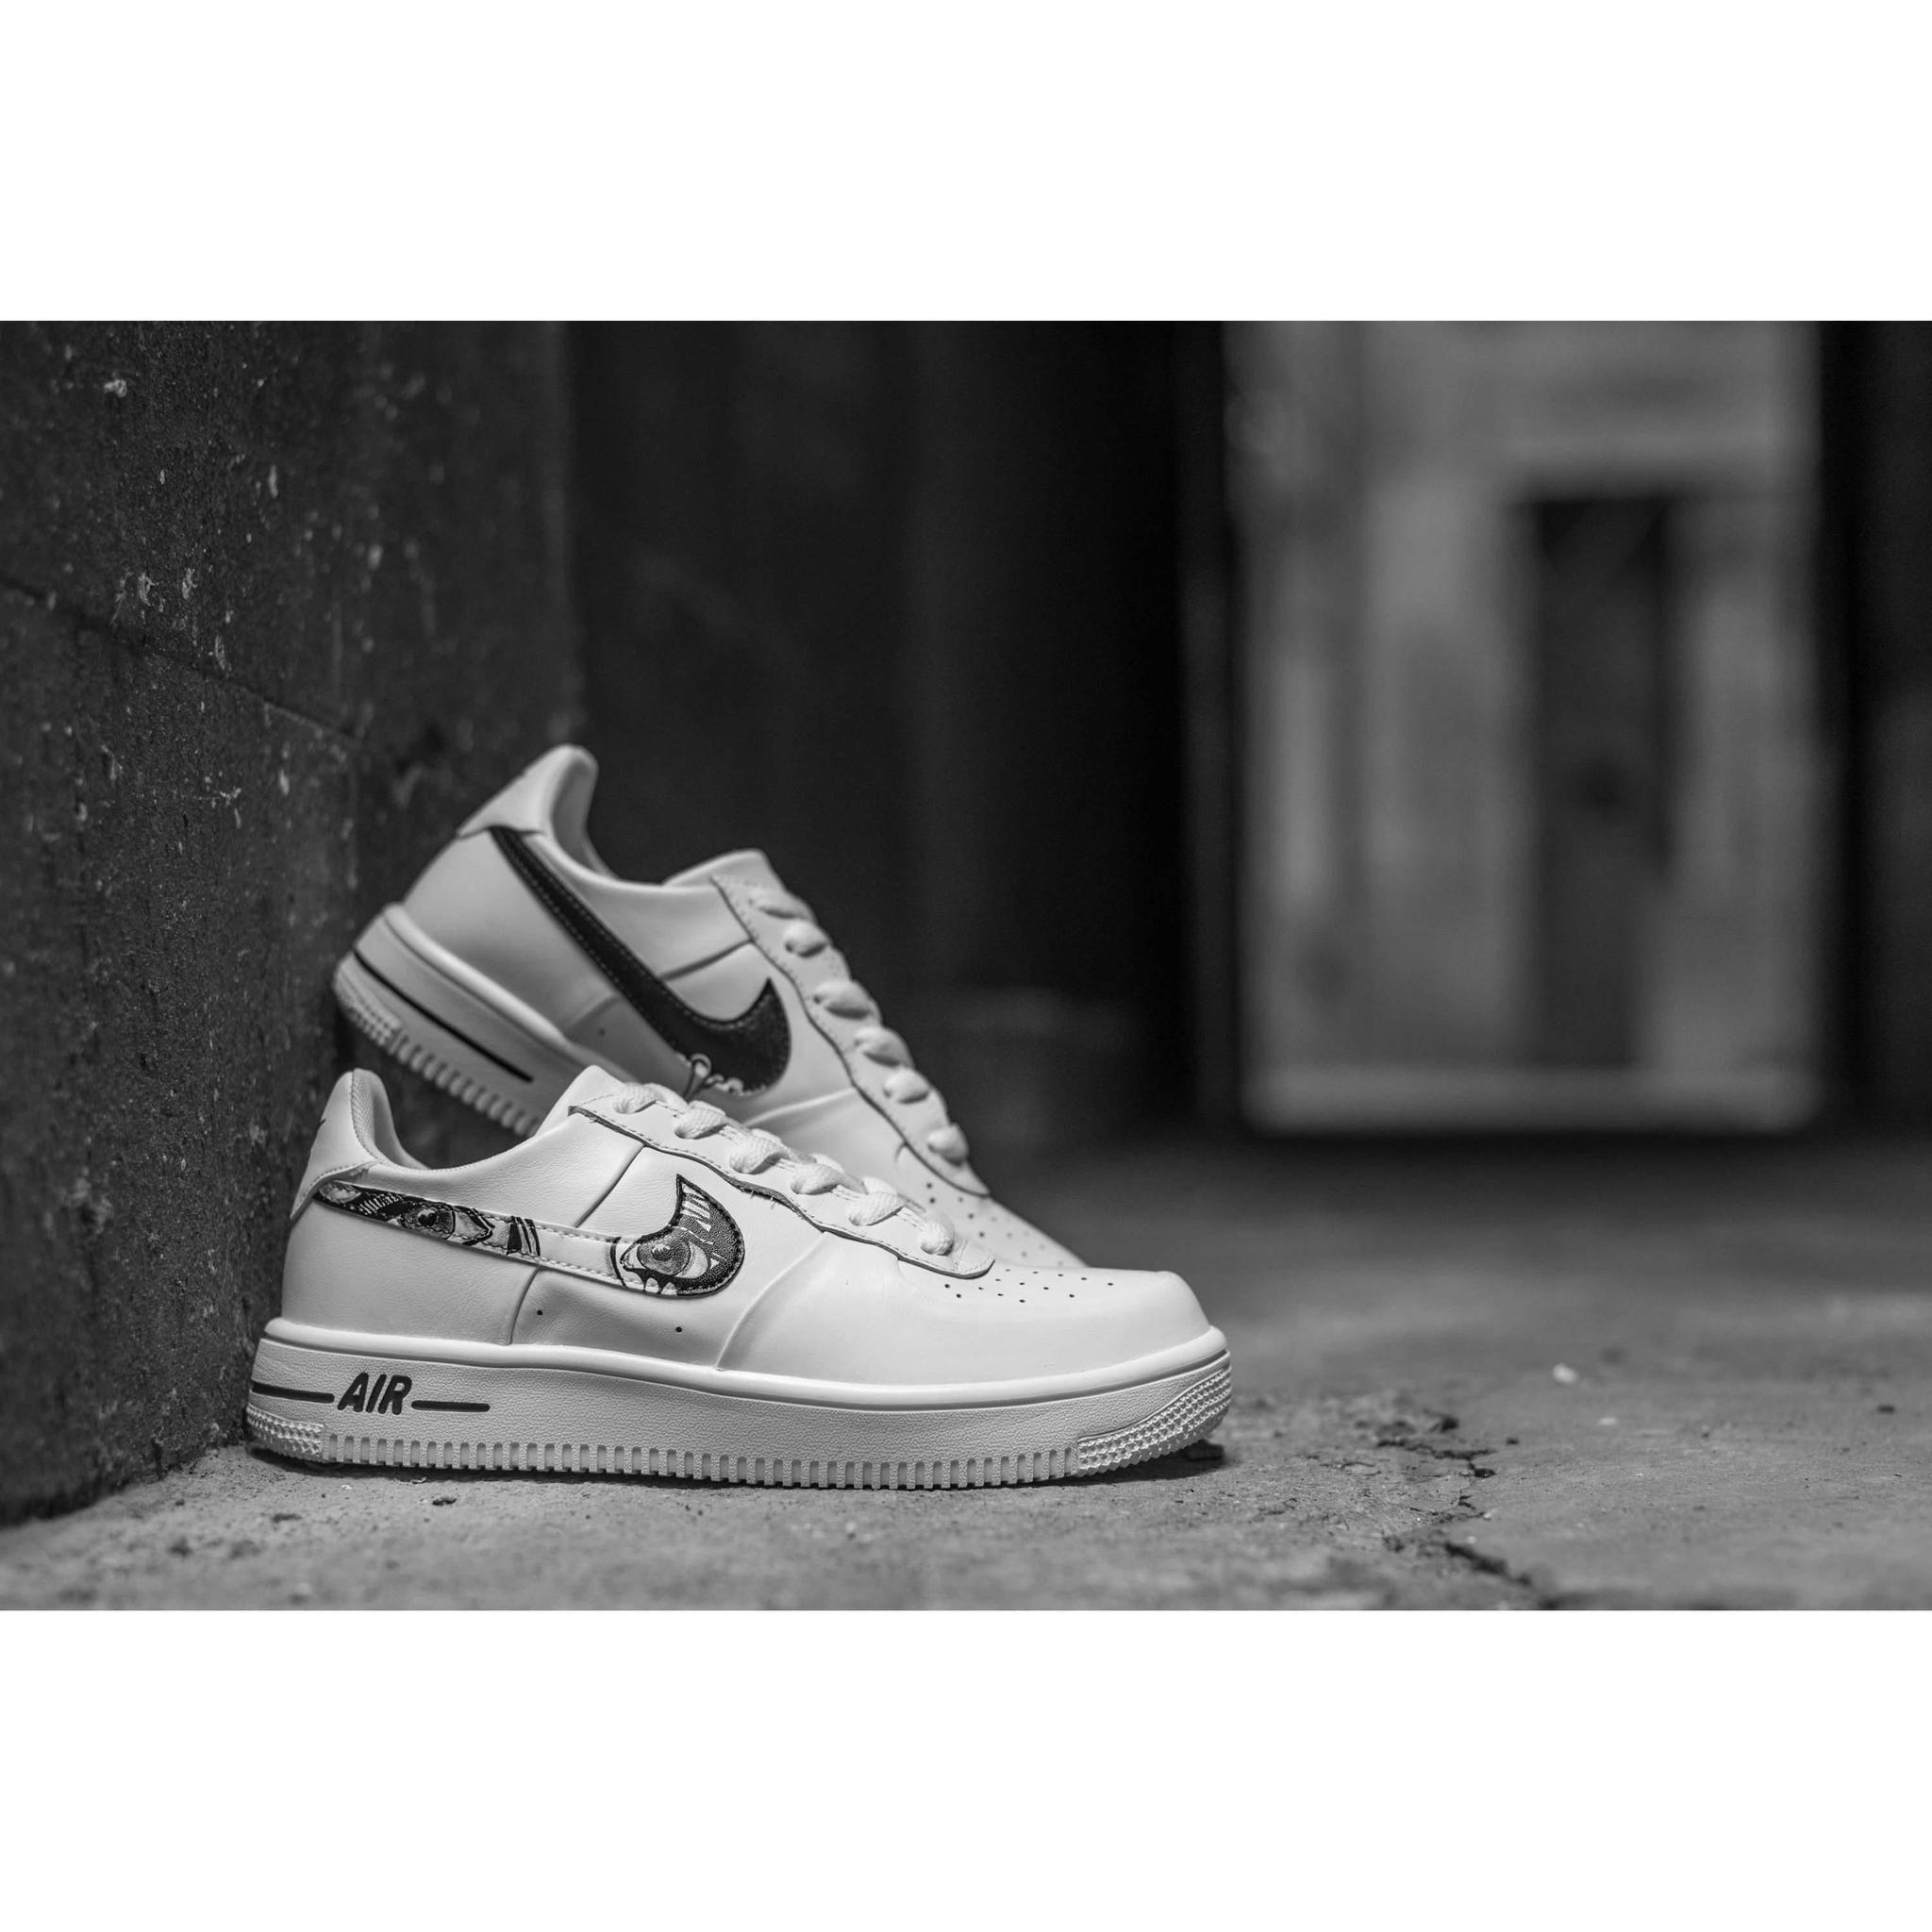 size 40 336fa 76315 Custom Nike Air Force 1 Ultraforce